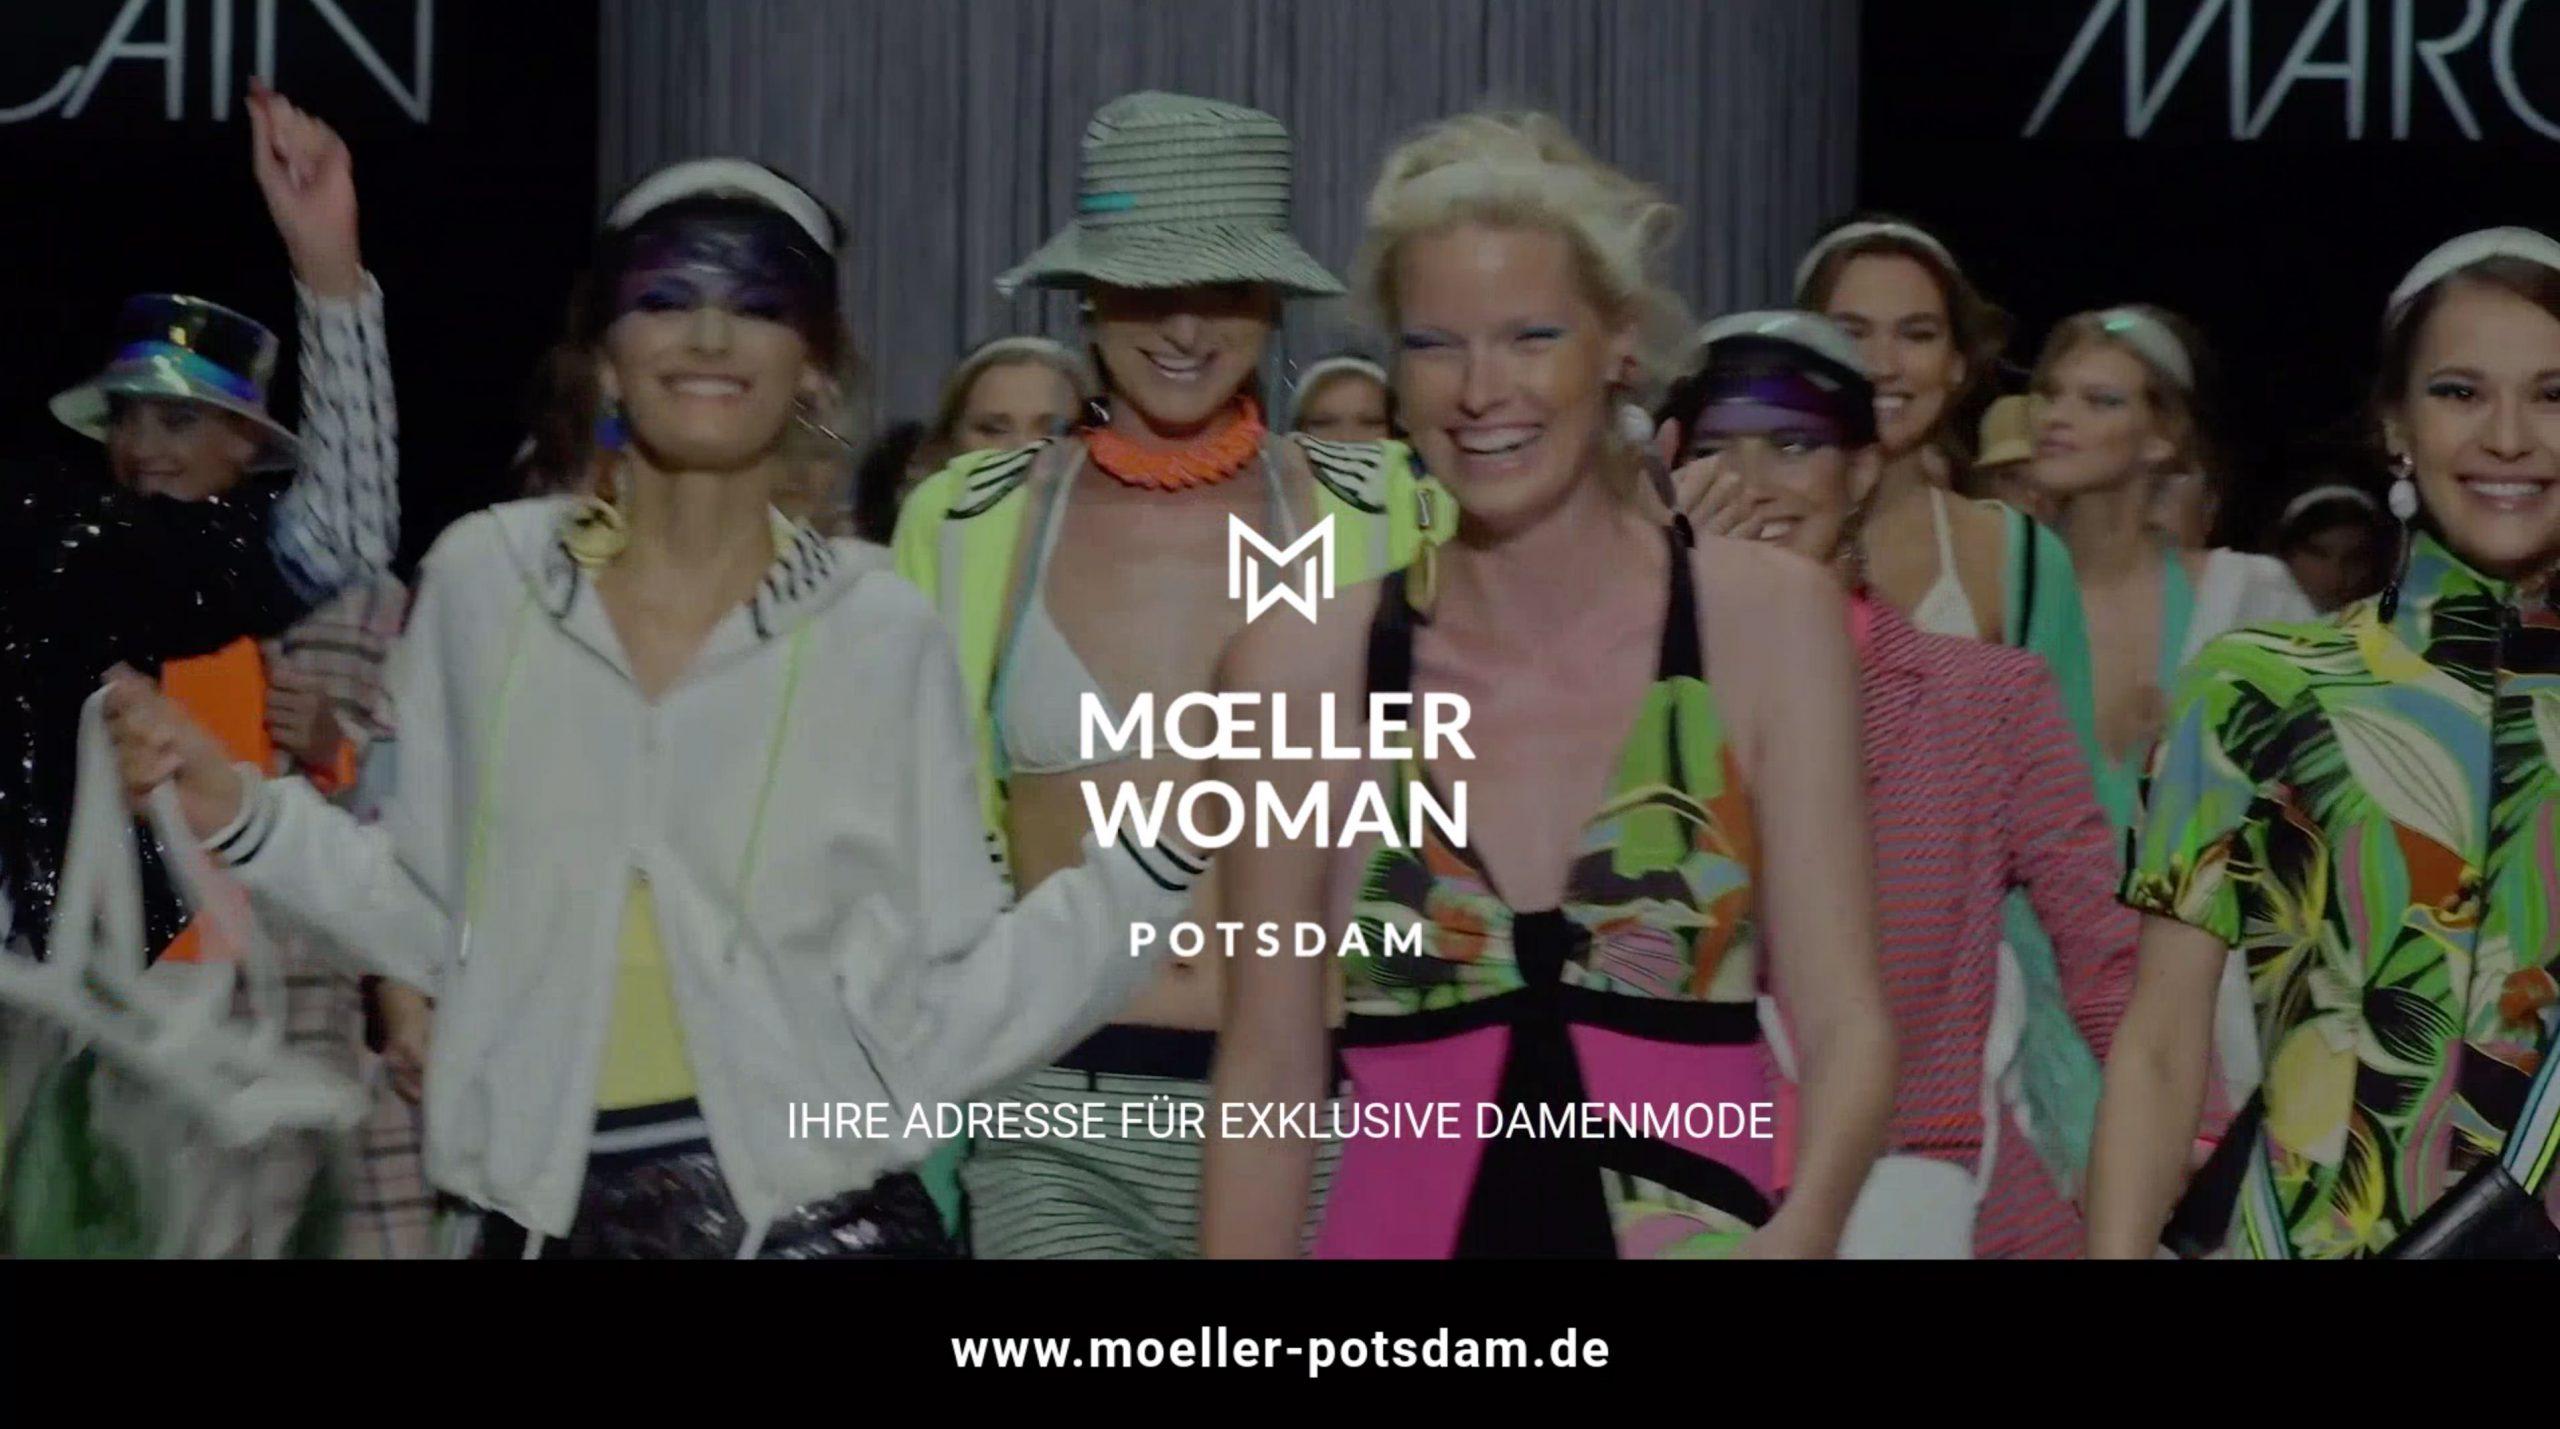 Moeller Woman Sommer 2020